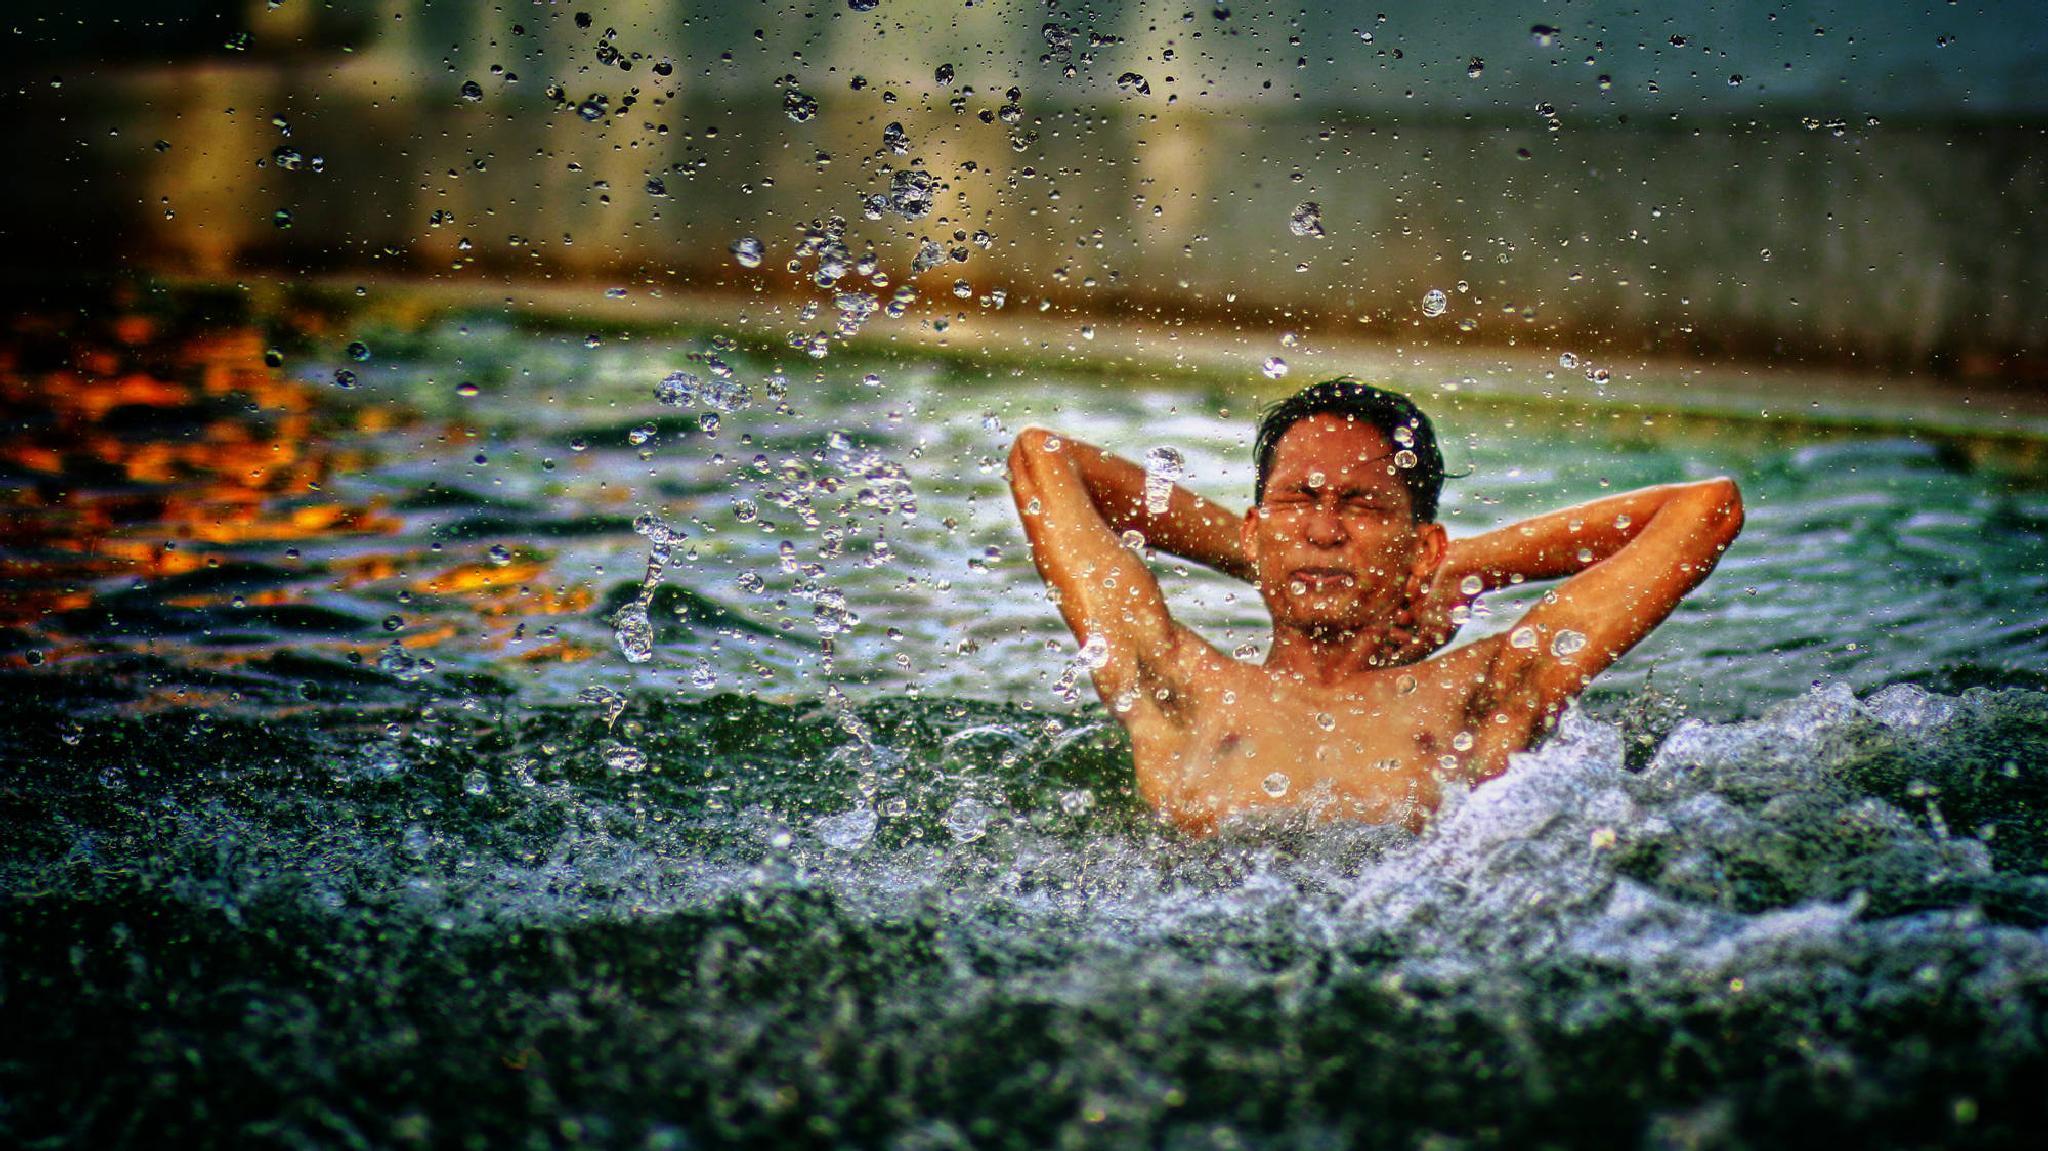 splash 1 by Kenny Sudharto